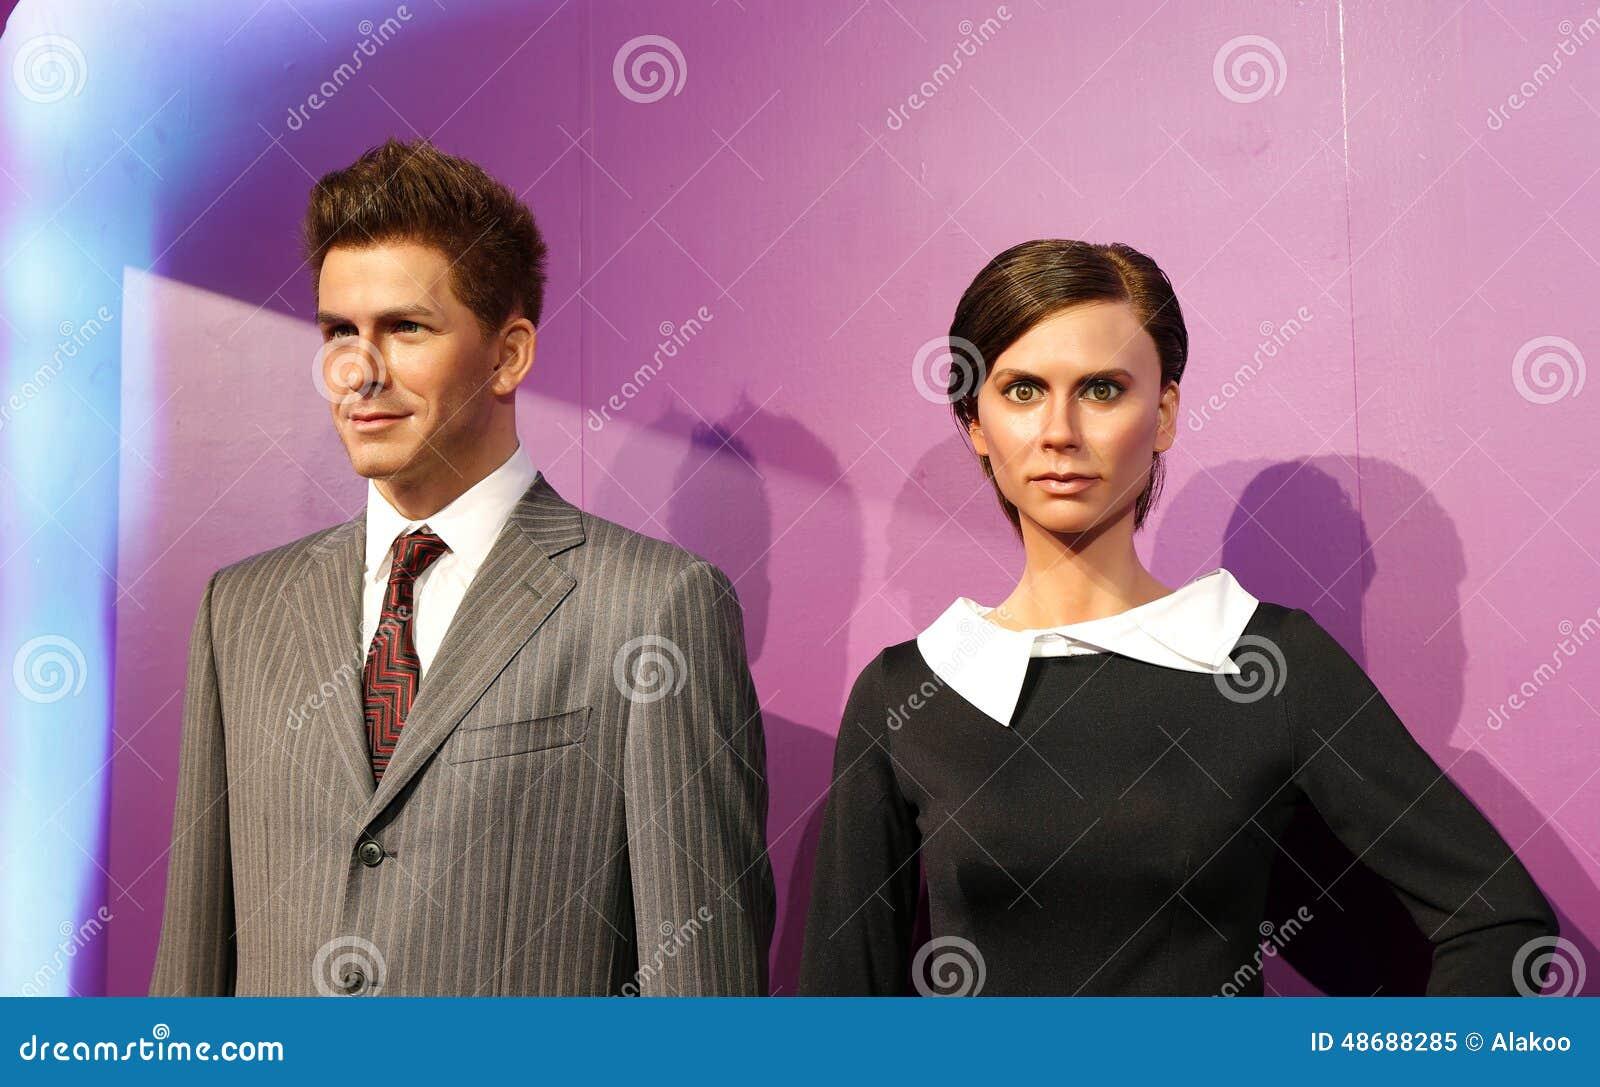 David Beckham und Victoria, Wachsstatue, Wachsfigur, Wachsfigur